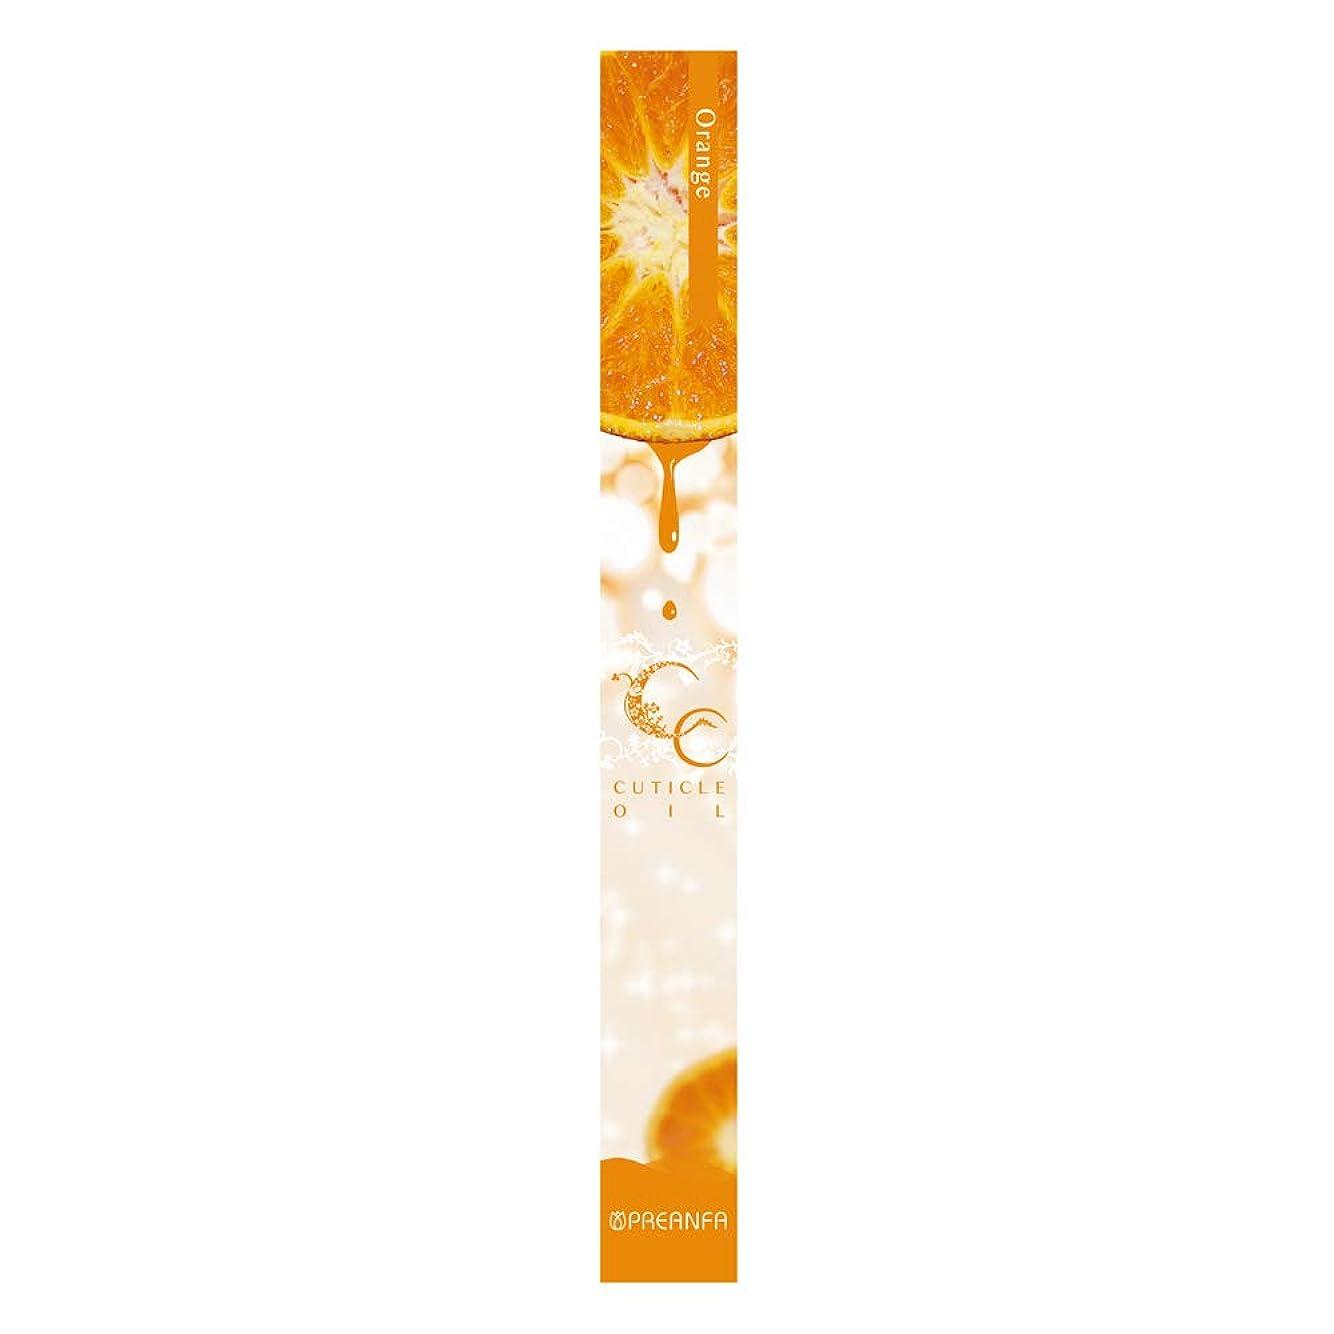 証明するコンテンツ防腐剤プリジェル 甘皮ケア CCキューティクルオイル オレンジ 4.5g 保湿オイル ペンタイプ